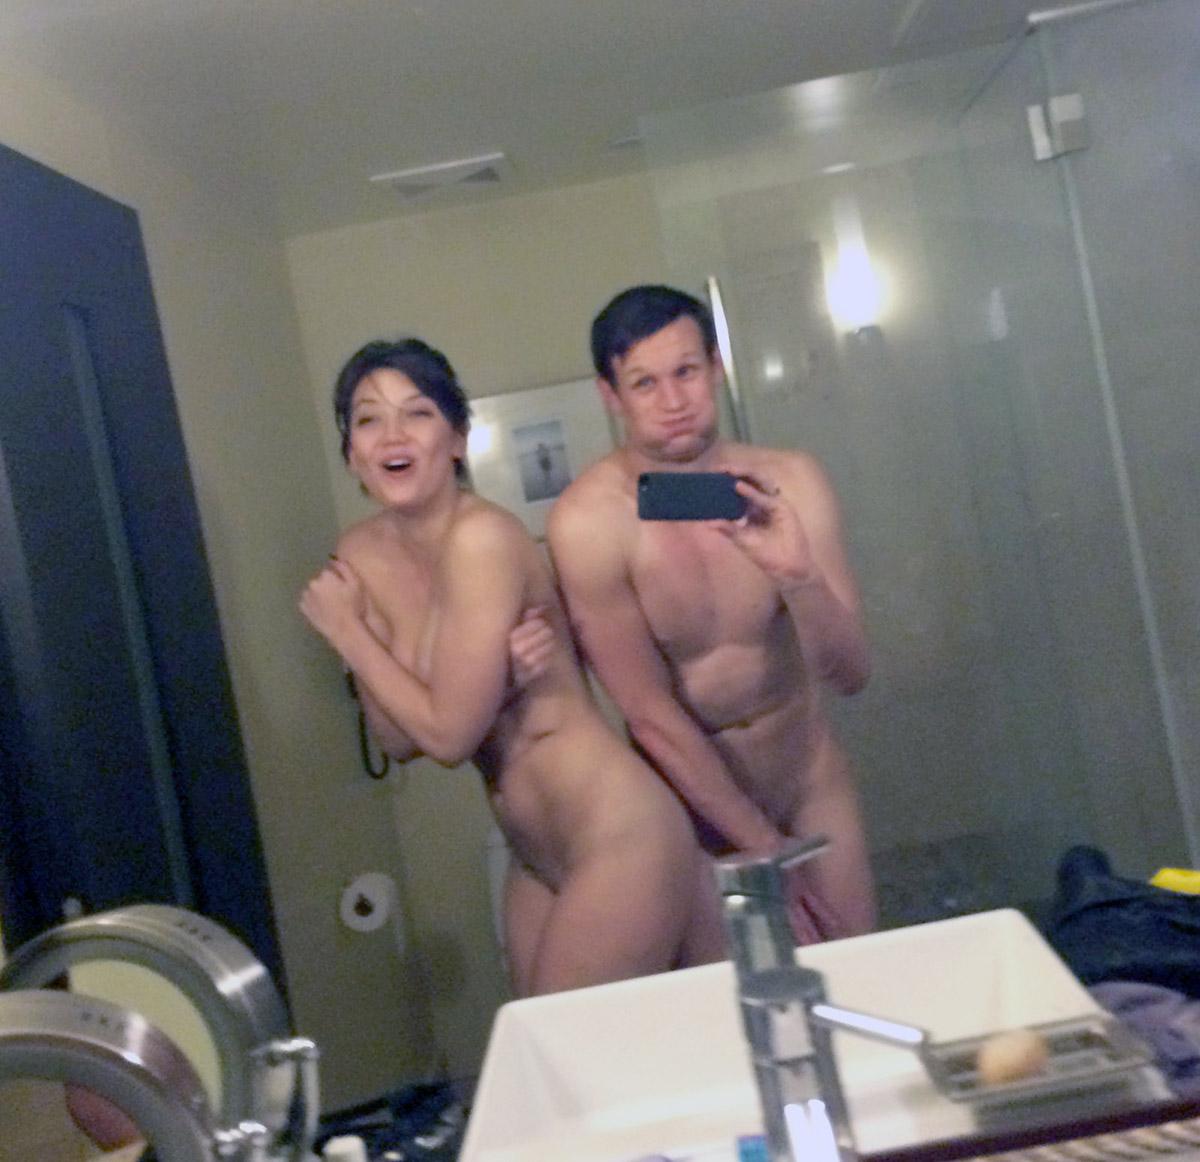 Daisy Lowe Nude Bondage Photos Leaked The Fappening